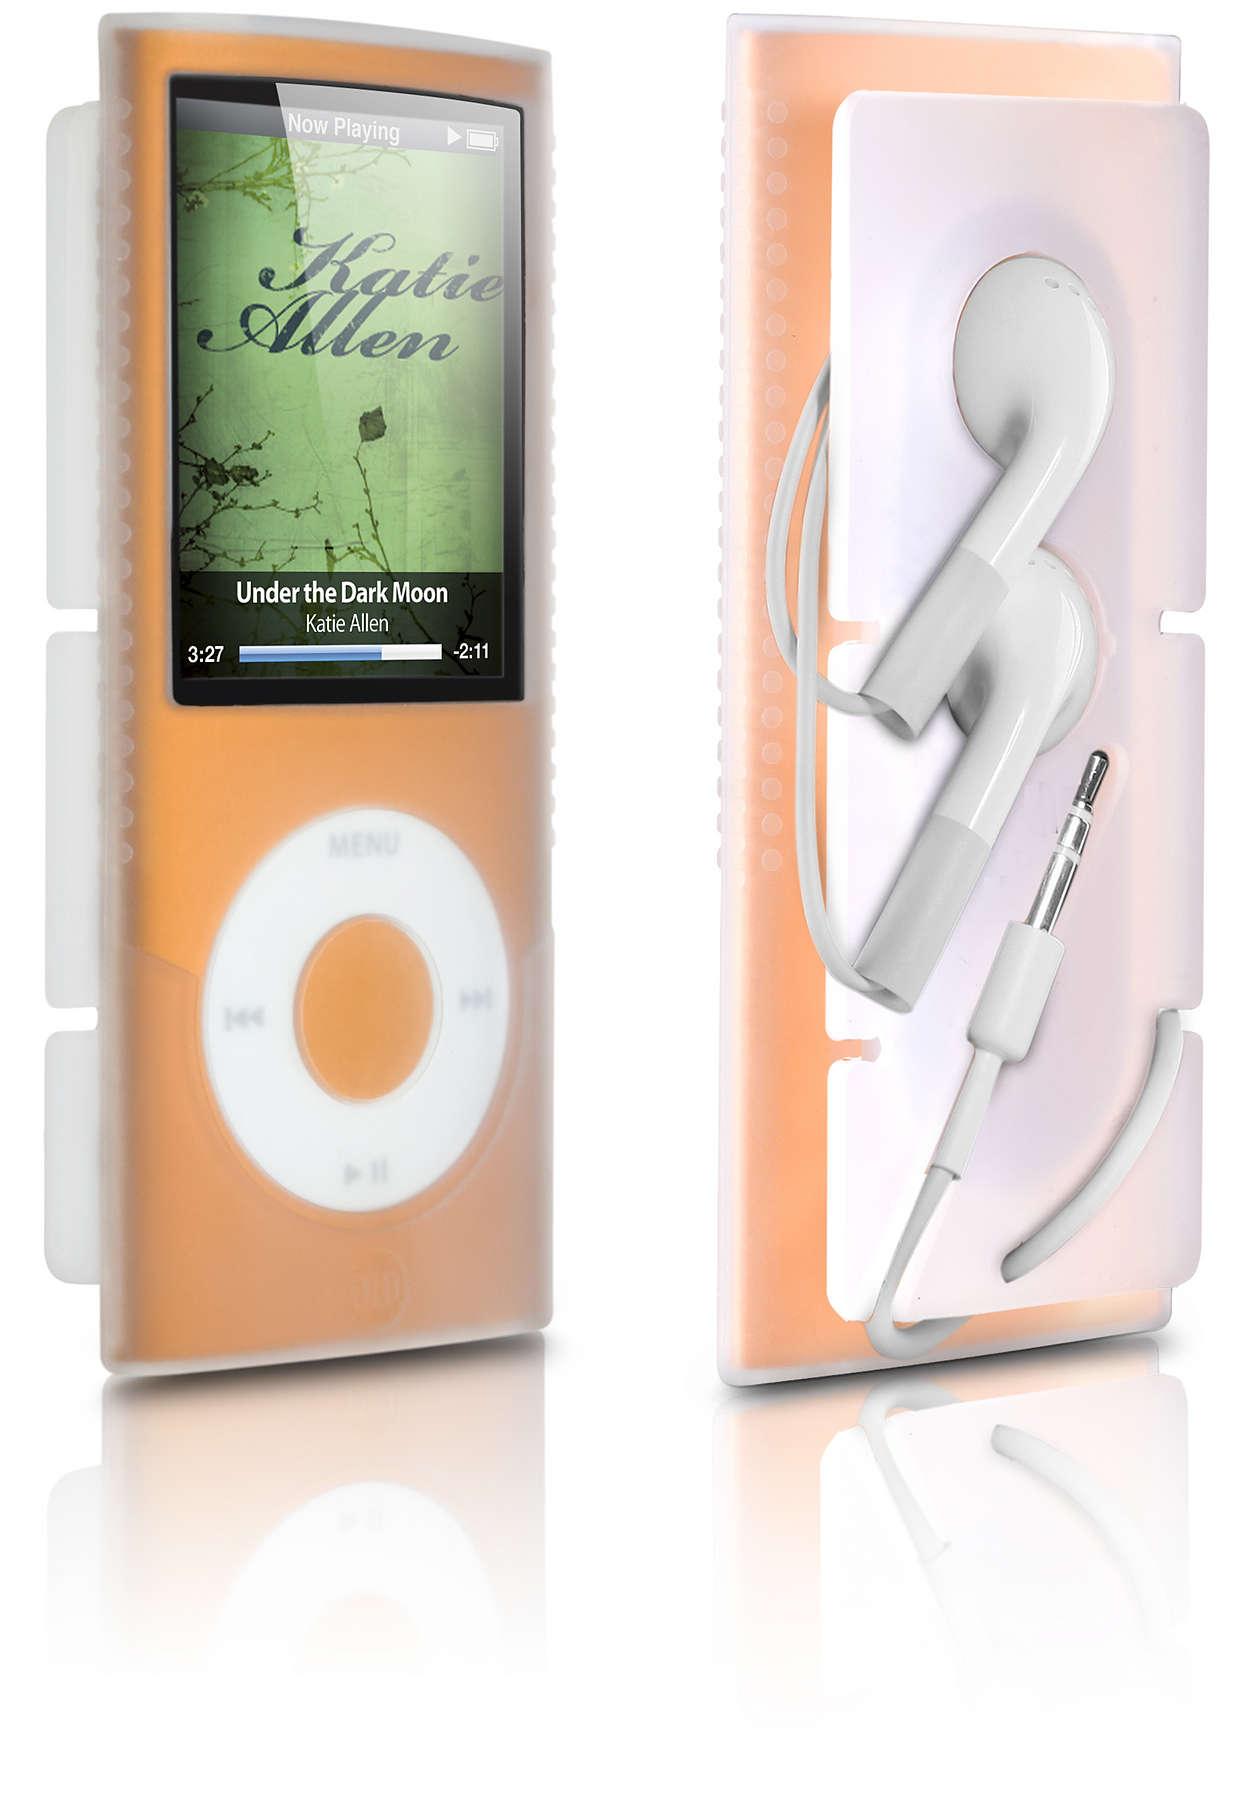 Προστατέψτε το iPod με στιλ